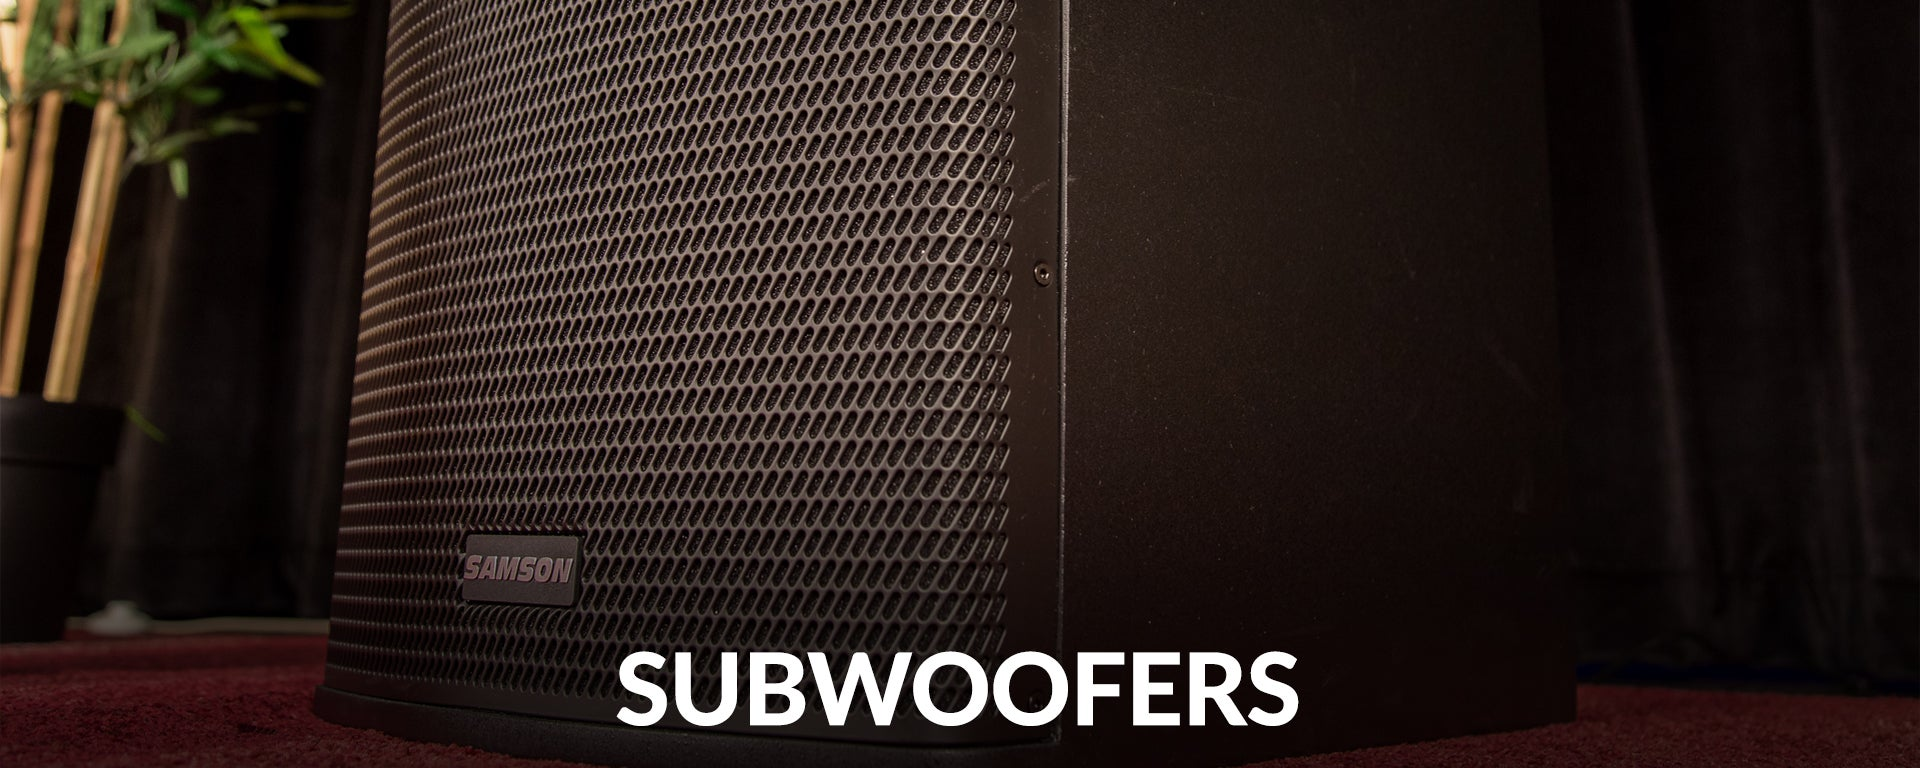 Subwoofers at SamAsh.com